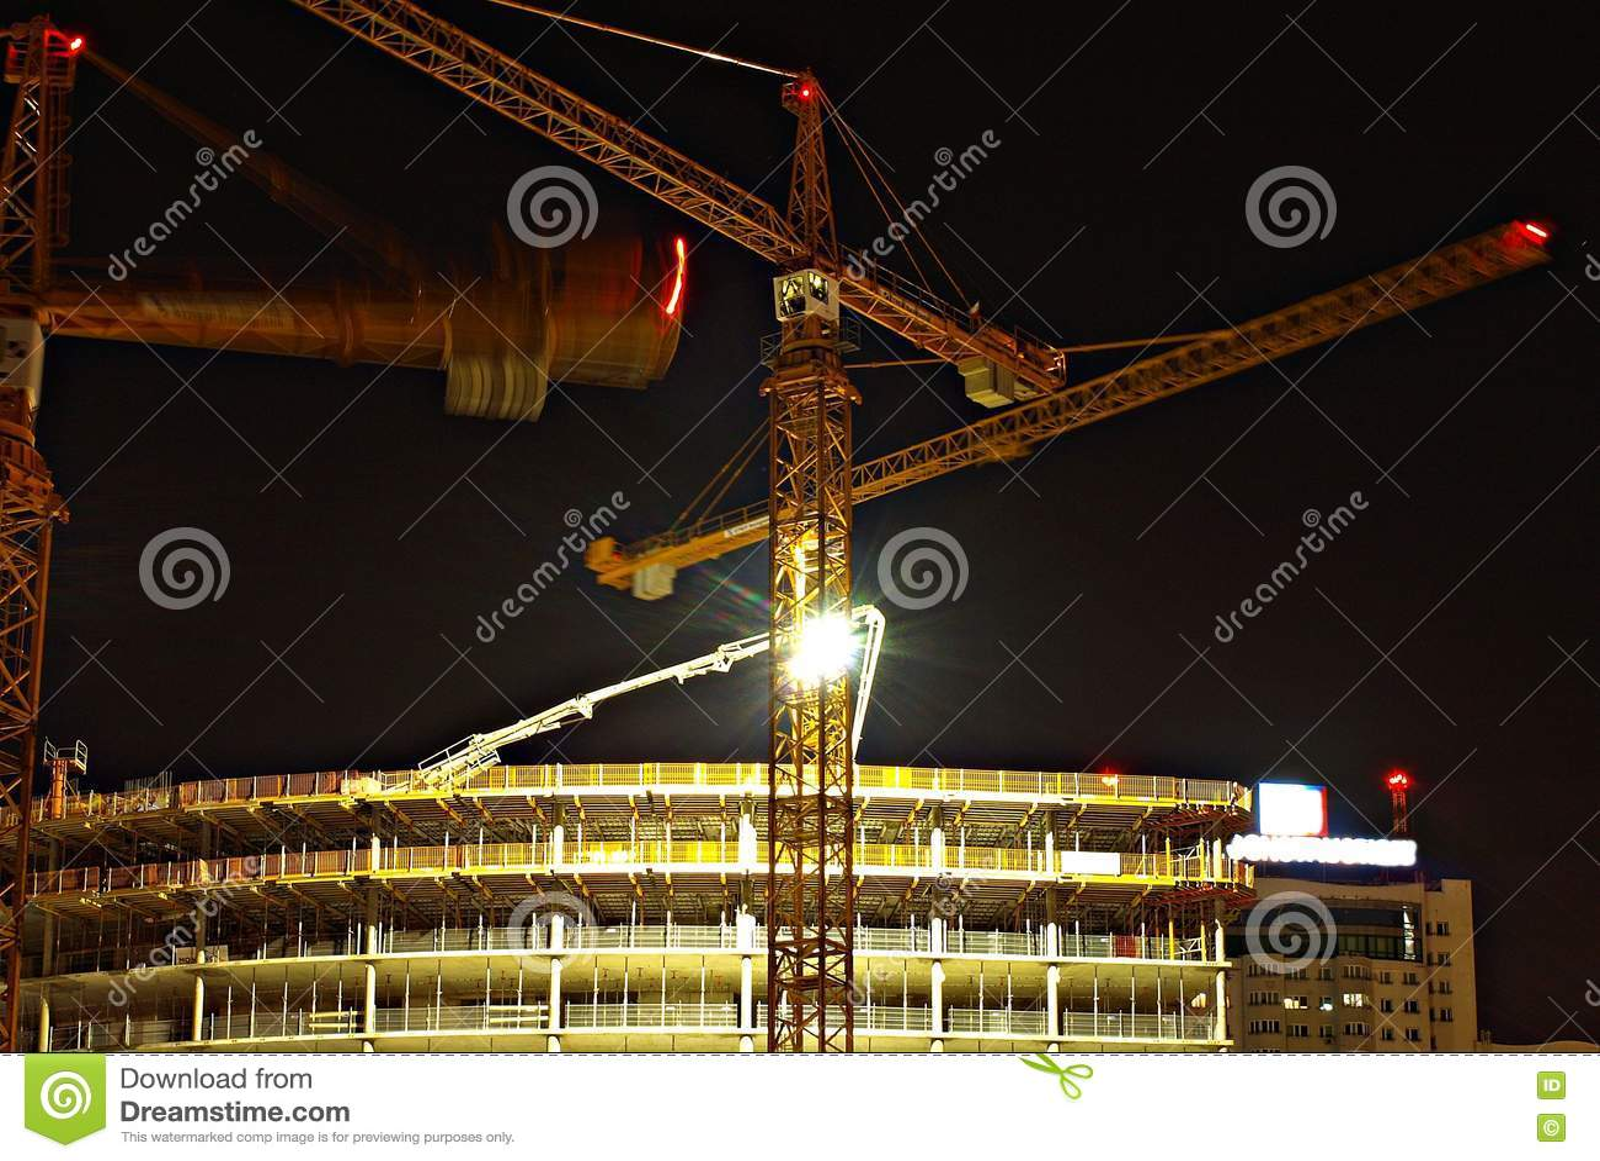 этой картинка стройка с краном около красной площади тигренок